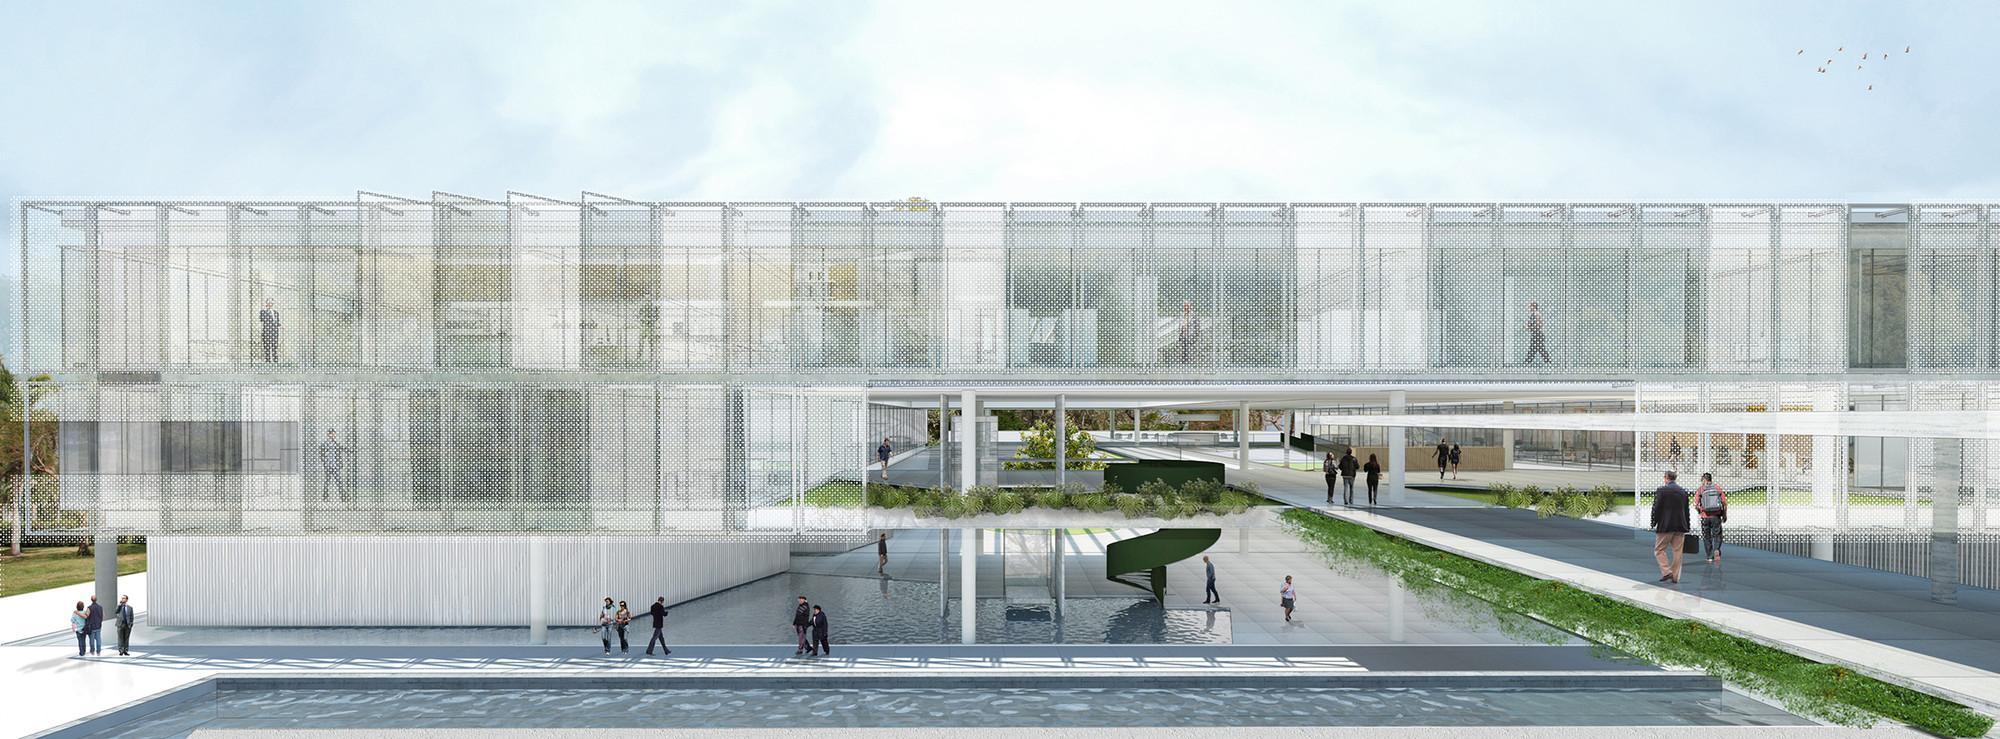 Menção Honrosa no Concurso Anexo da Câmara Municipal de Porto Alegre / Estudio BRA Arquitetura + Mono Arquitetos, Cortesia de Estudio BRA Arquitetura